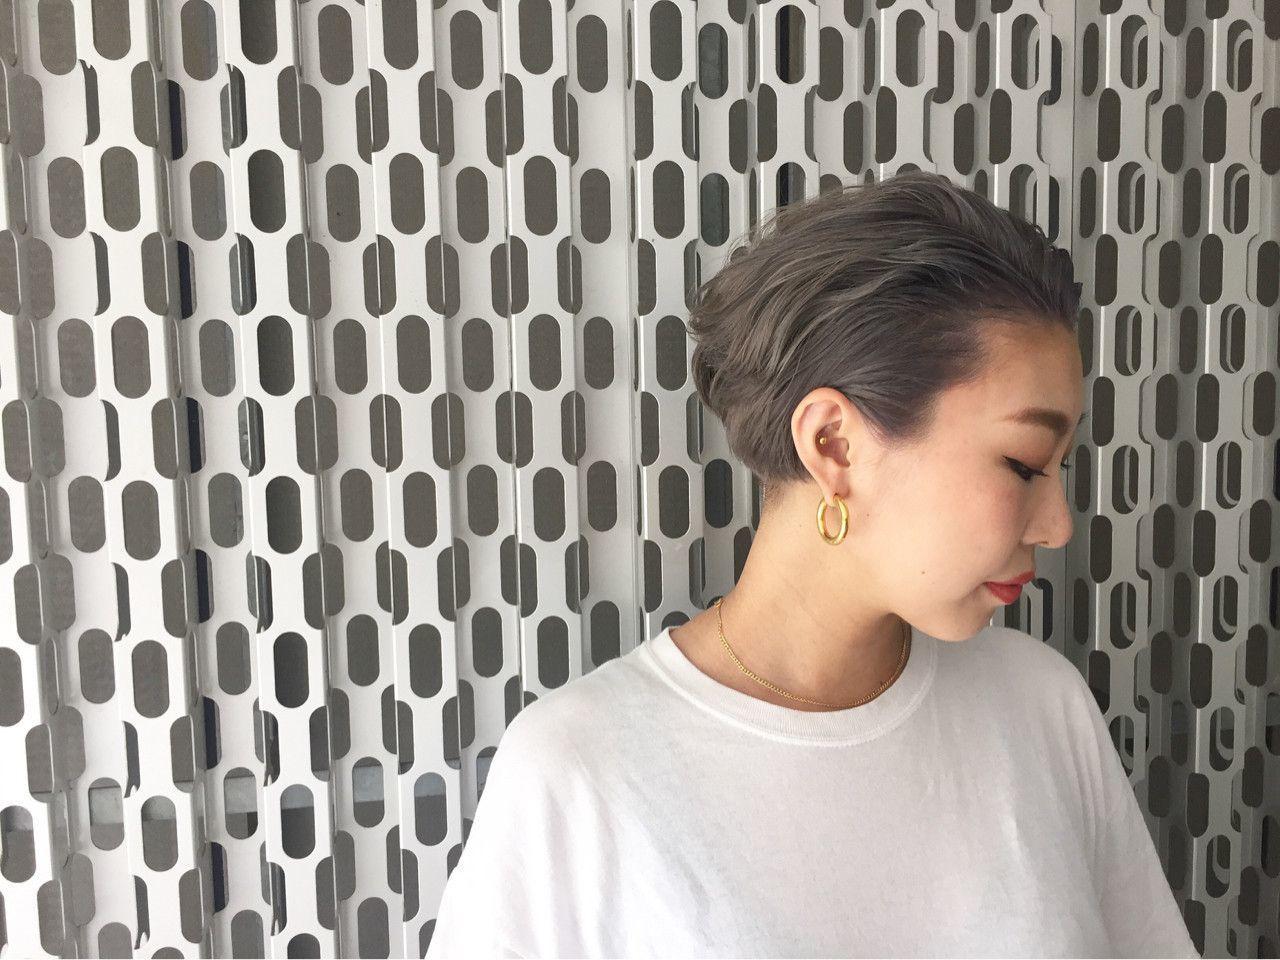 01512e881a88 首元もすっきりしていて、春・夏にぴったりのヘアスタイルですね。それに加え、オールバックにすることでさわやかさばっちりです。